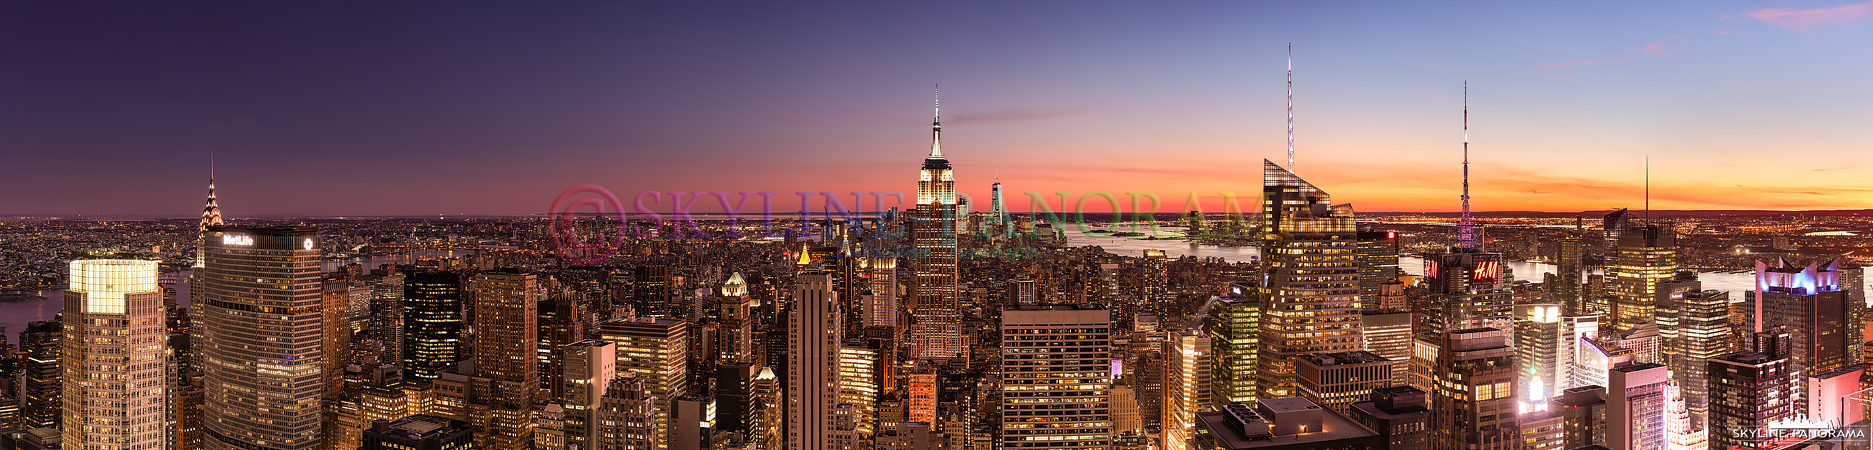 Blick über New York - Die Skyline von Manhattan als Panorama vom Rockefeller Center. Die Aussichtsplattform ist besser bekannt unter dem Namen Top of the Rock und bietet seinen Besuchern nicht nur zum Sonnenuntergang einen spektakulären Ausblick auf die Wolkenkratzer der New Yorker Skyline.